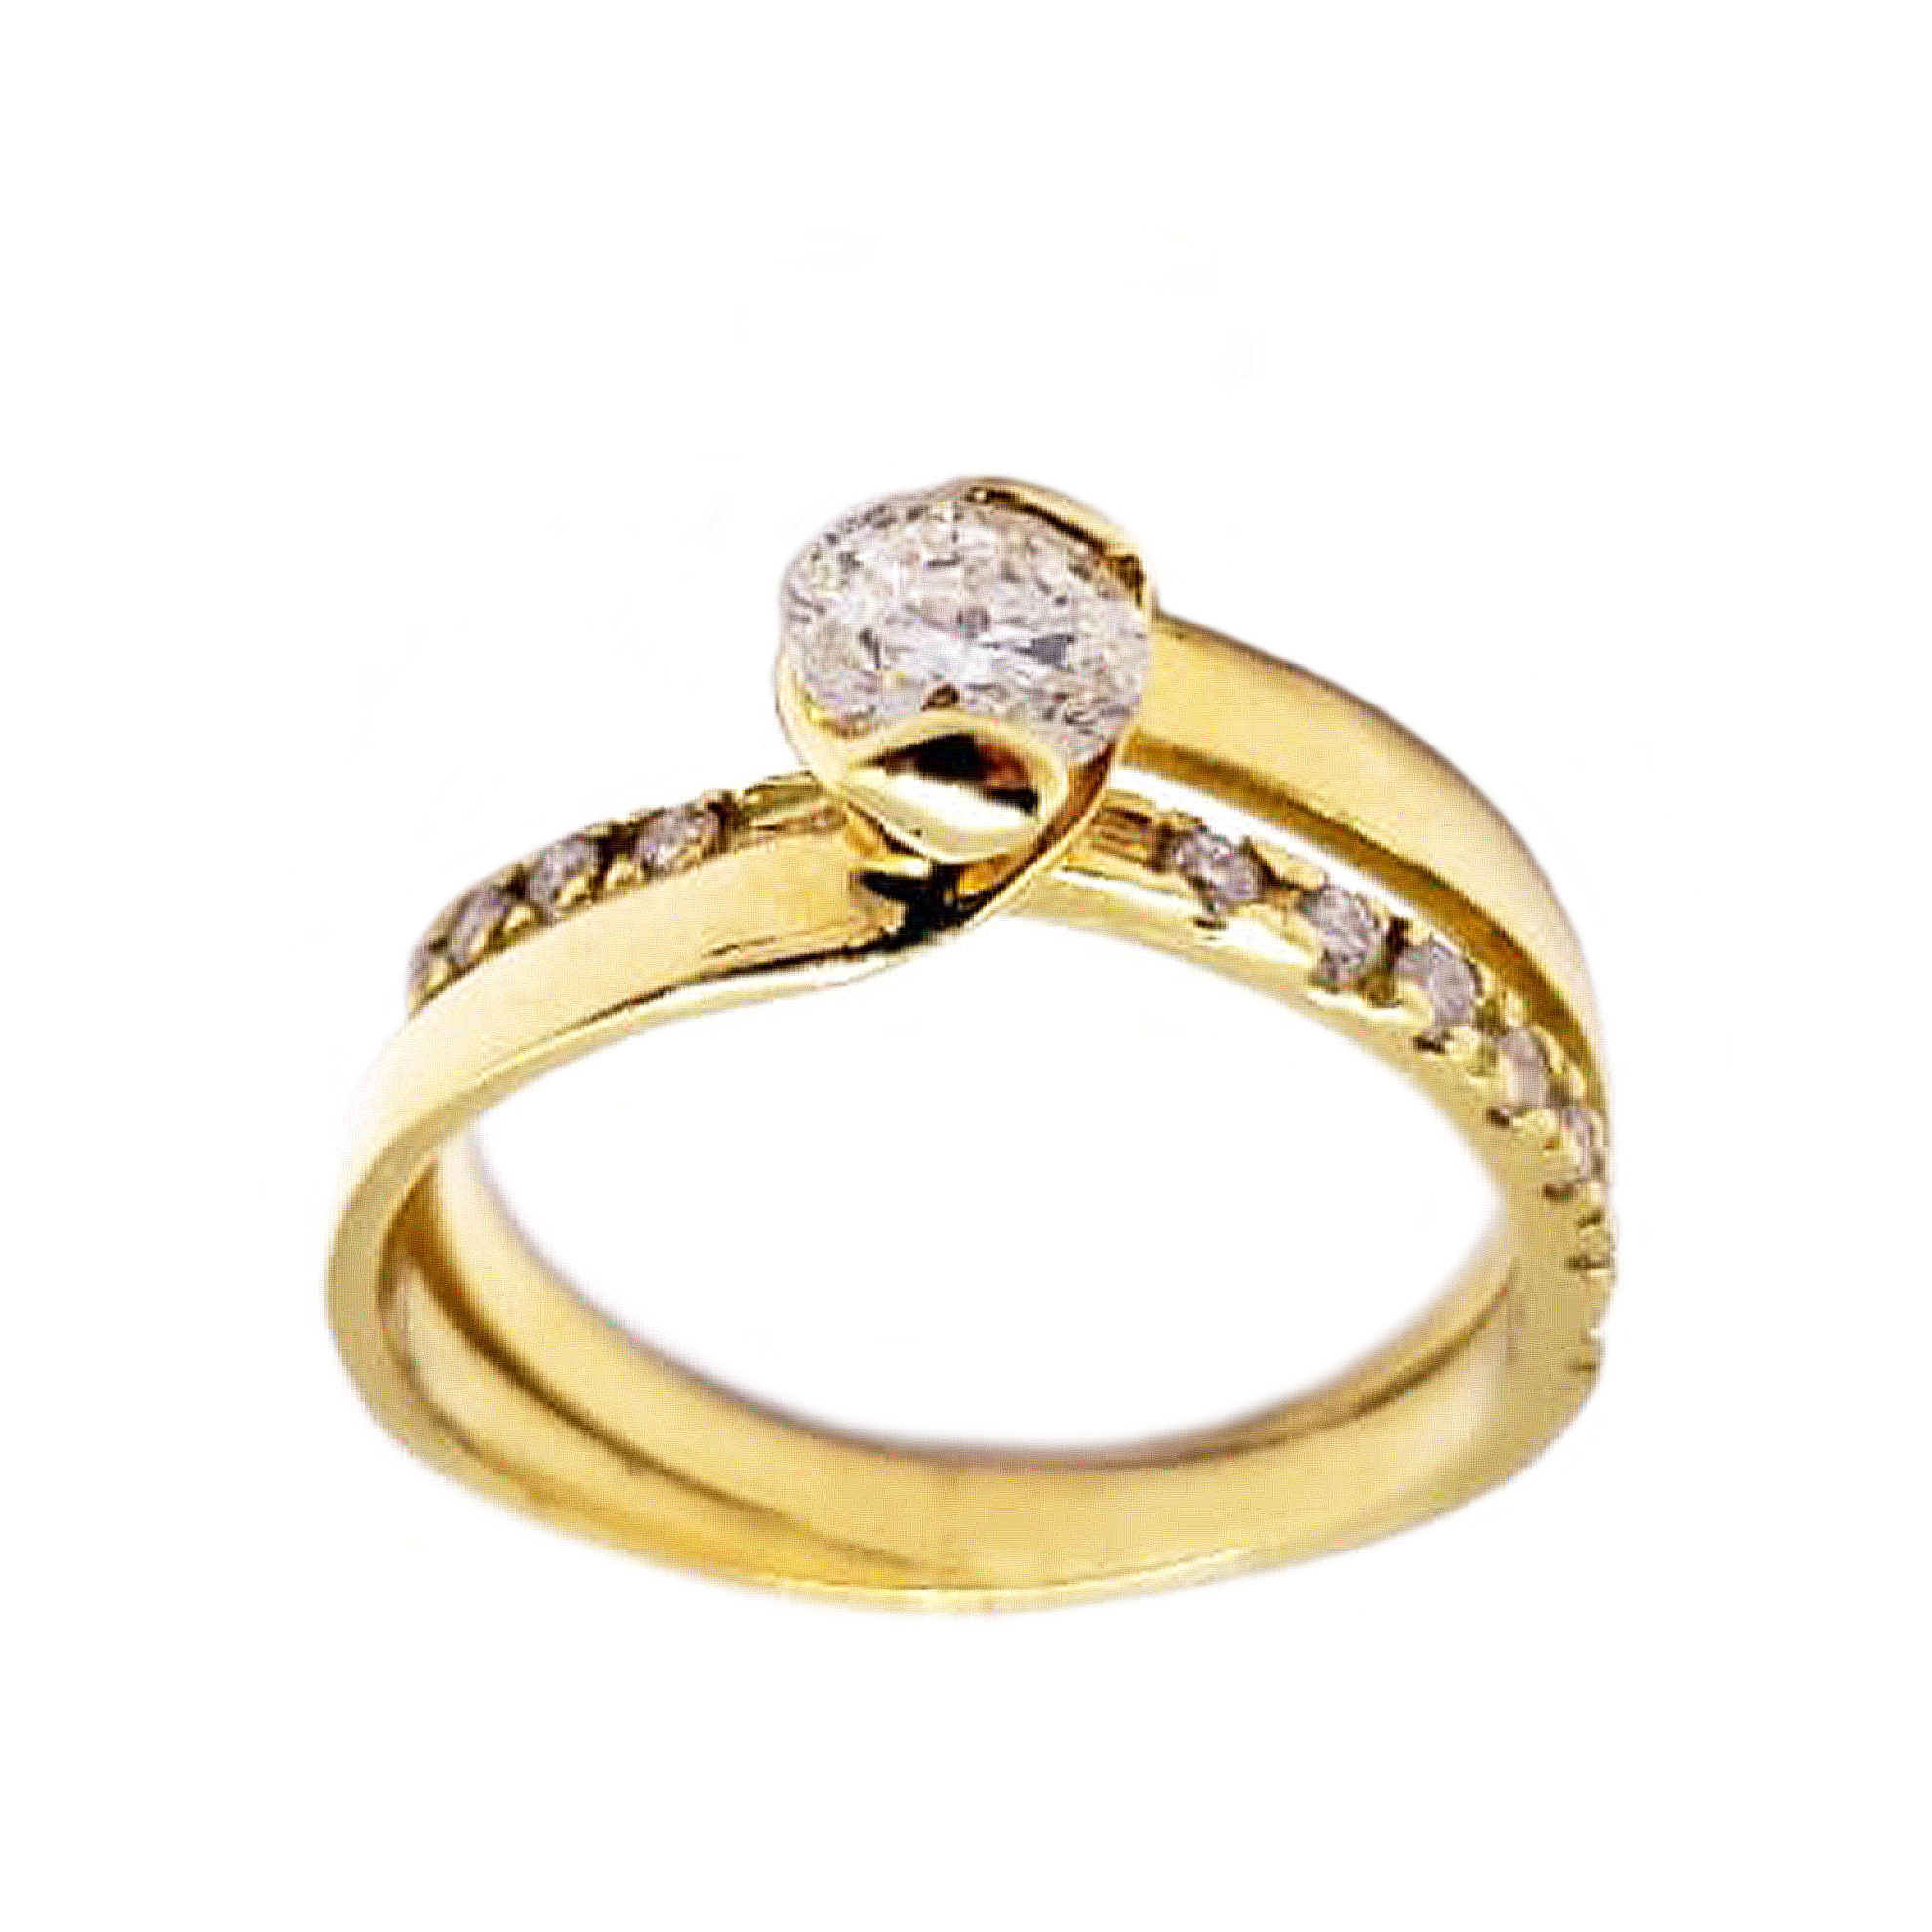 Anel Garra Torcida c/ Diamantes em Ouro 18 Kilates